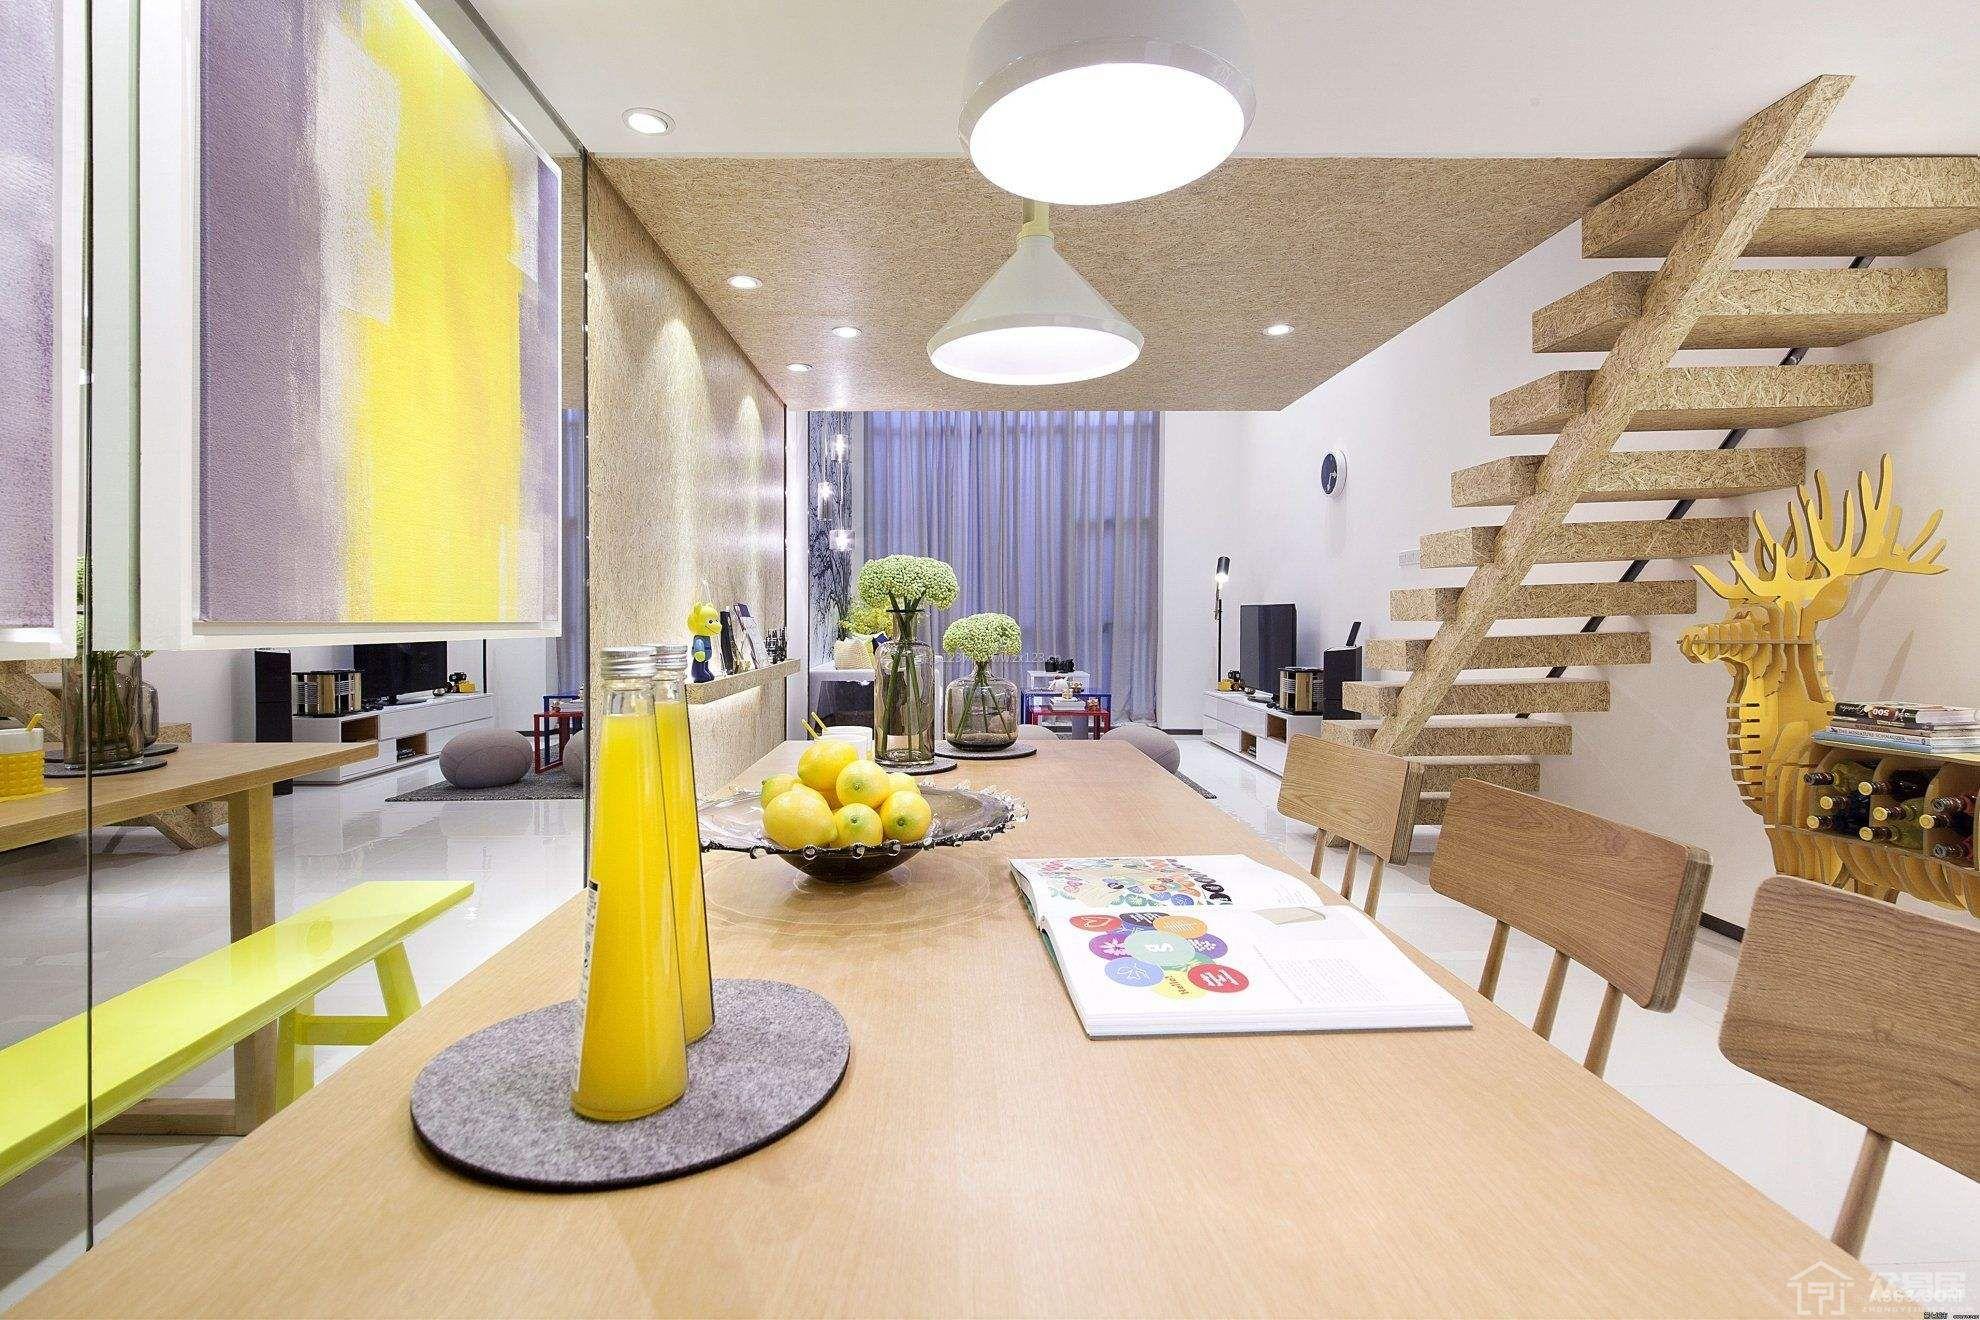 公寓与普通住宅的区别 买公寓要注意什么